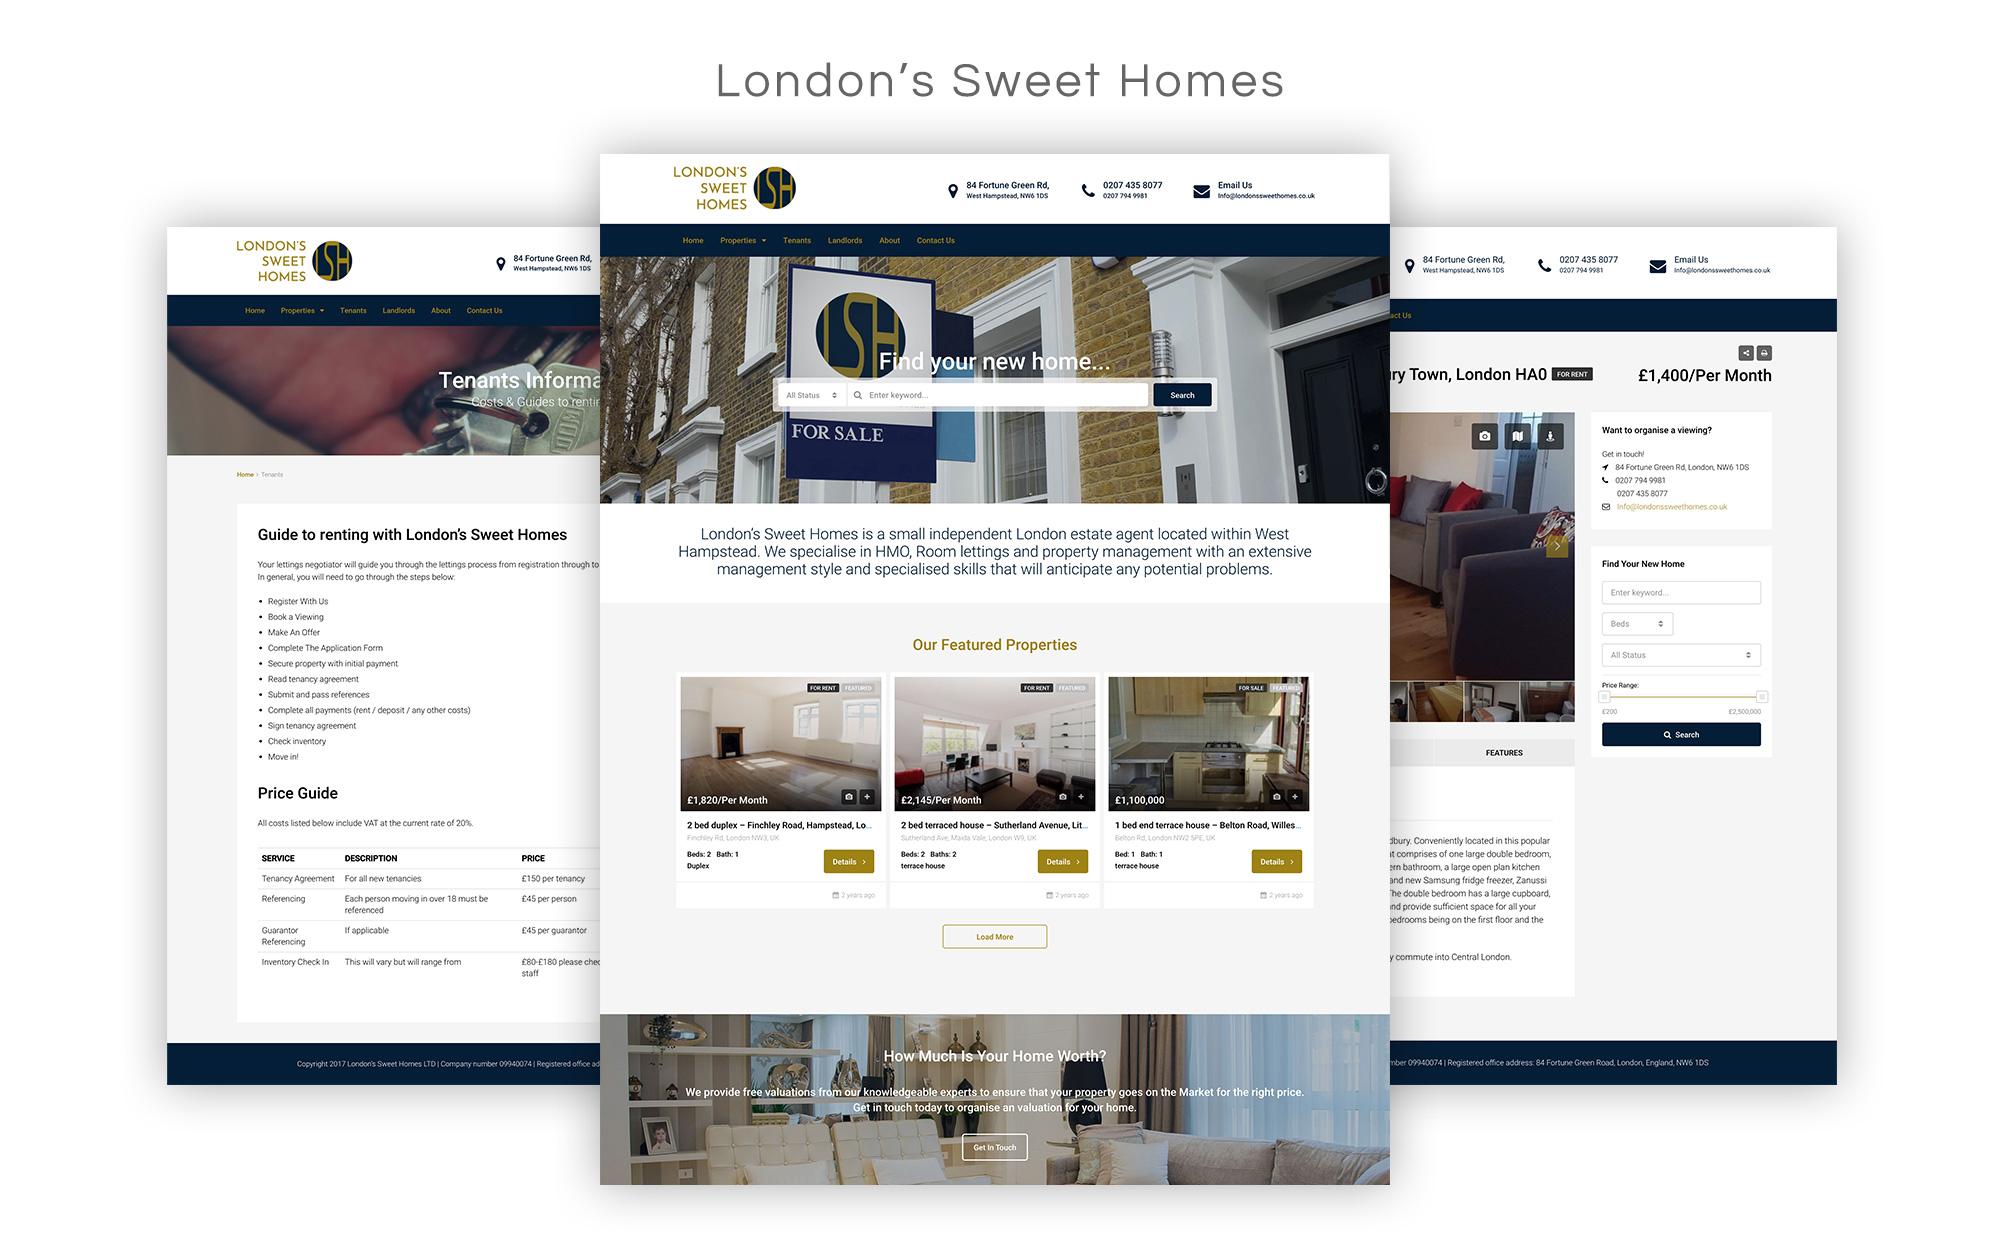 Londons sweet homes Website